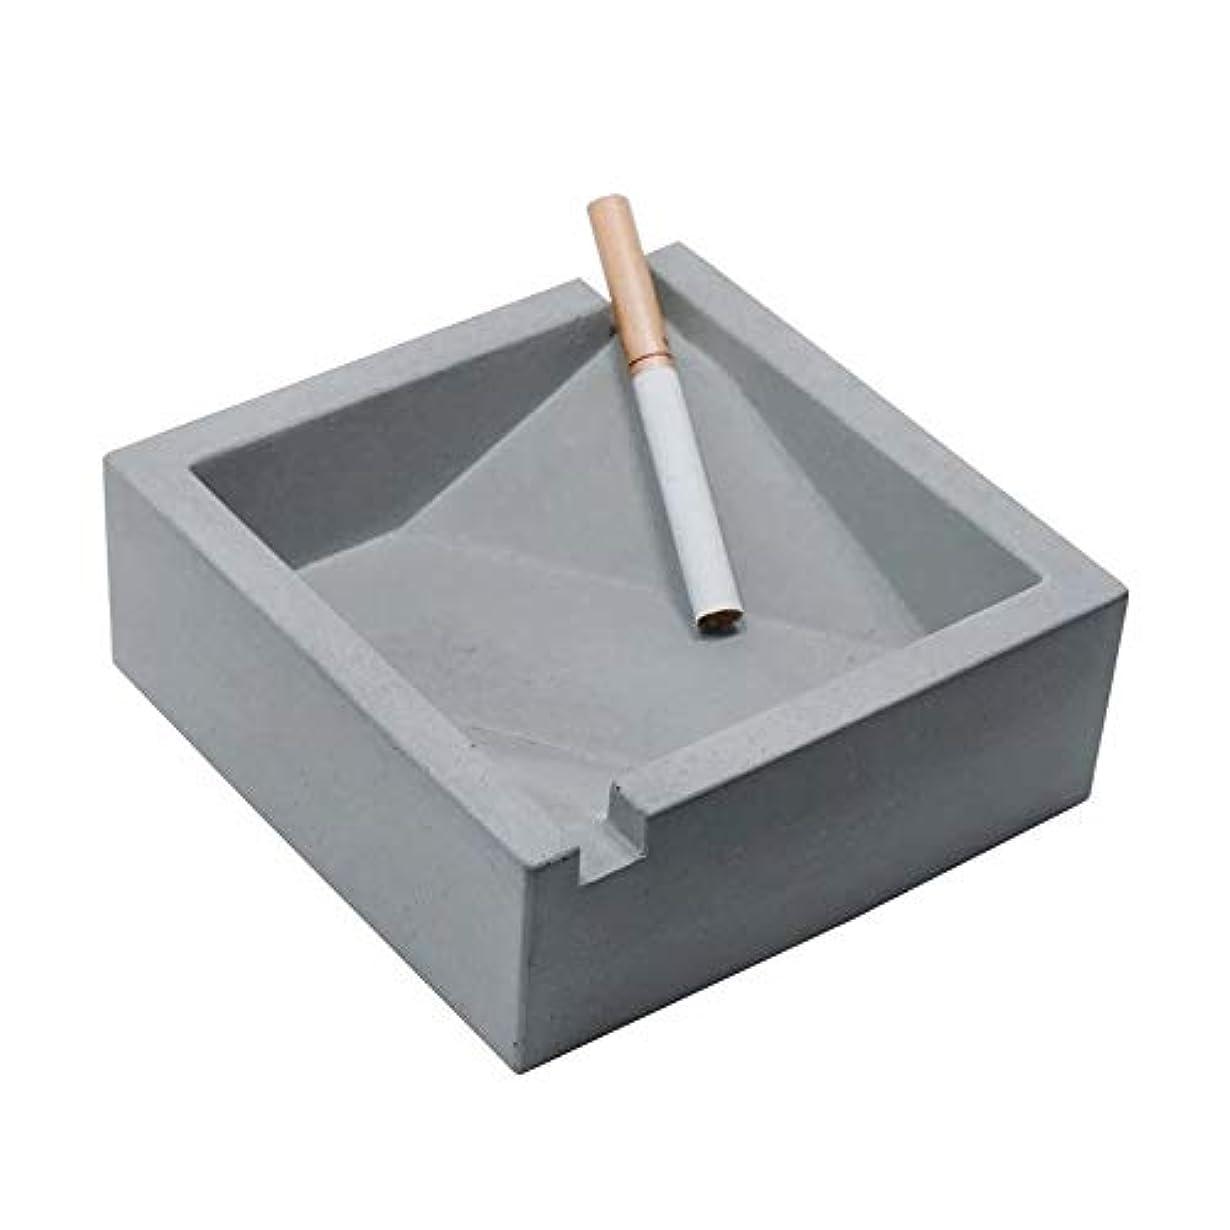 ダブル命題バーターヴィンテージリビングルームオフィスコーヒーテーブル装飾灰皿、セメント灰皿工業用風スクエアコンクリートシガレット灰皿、品質保証